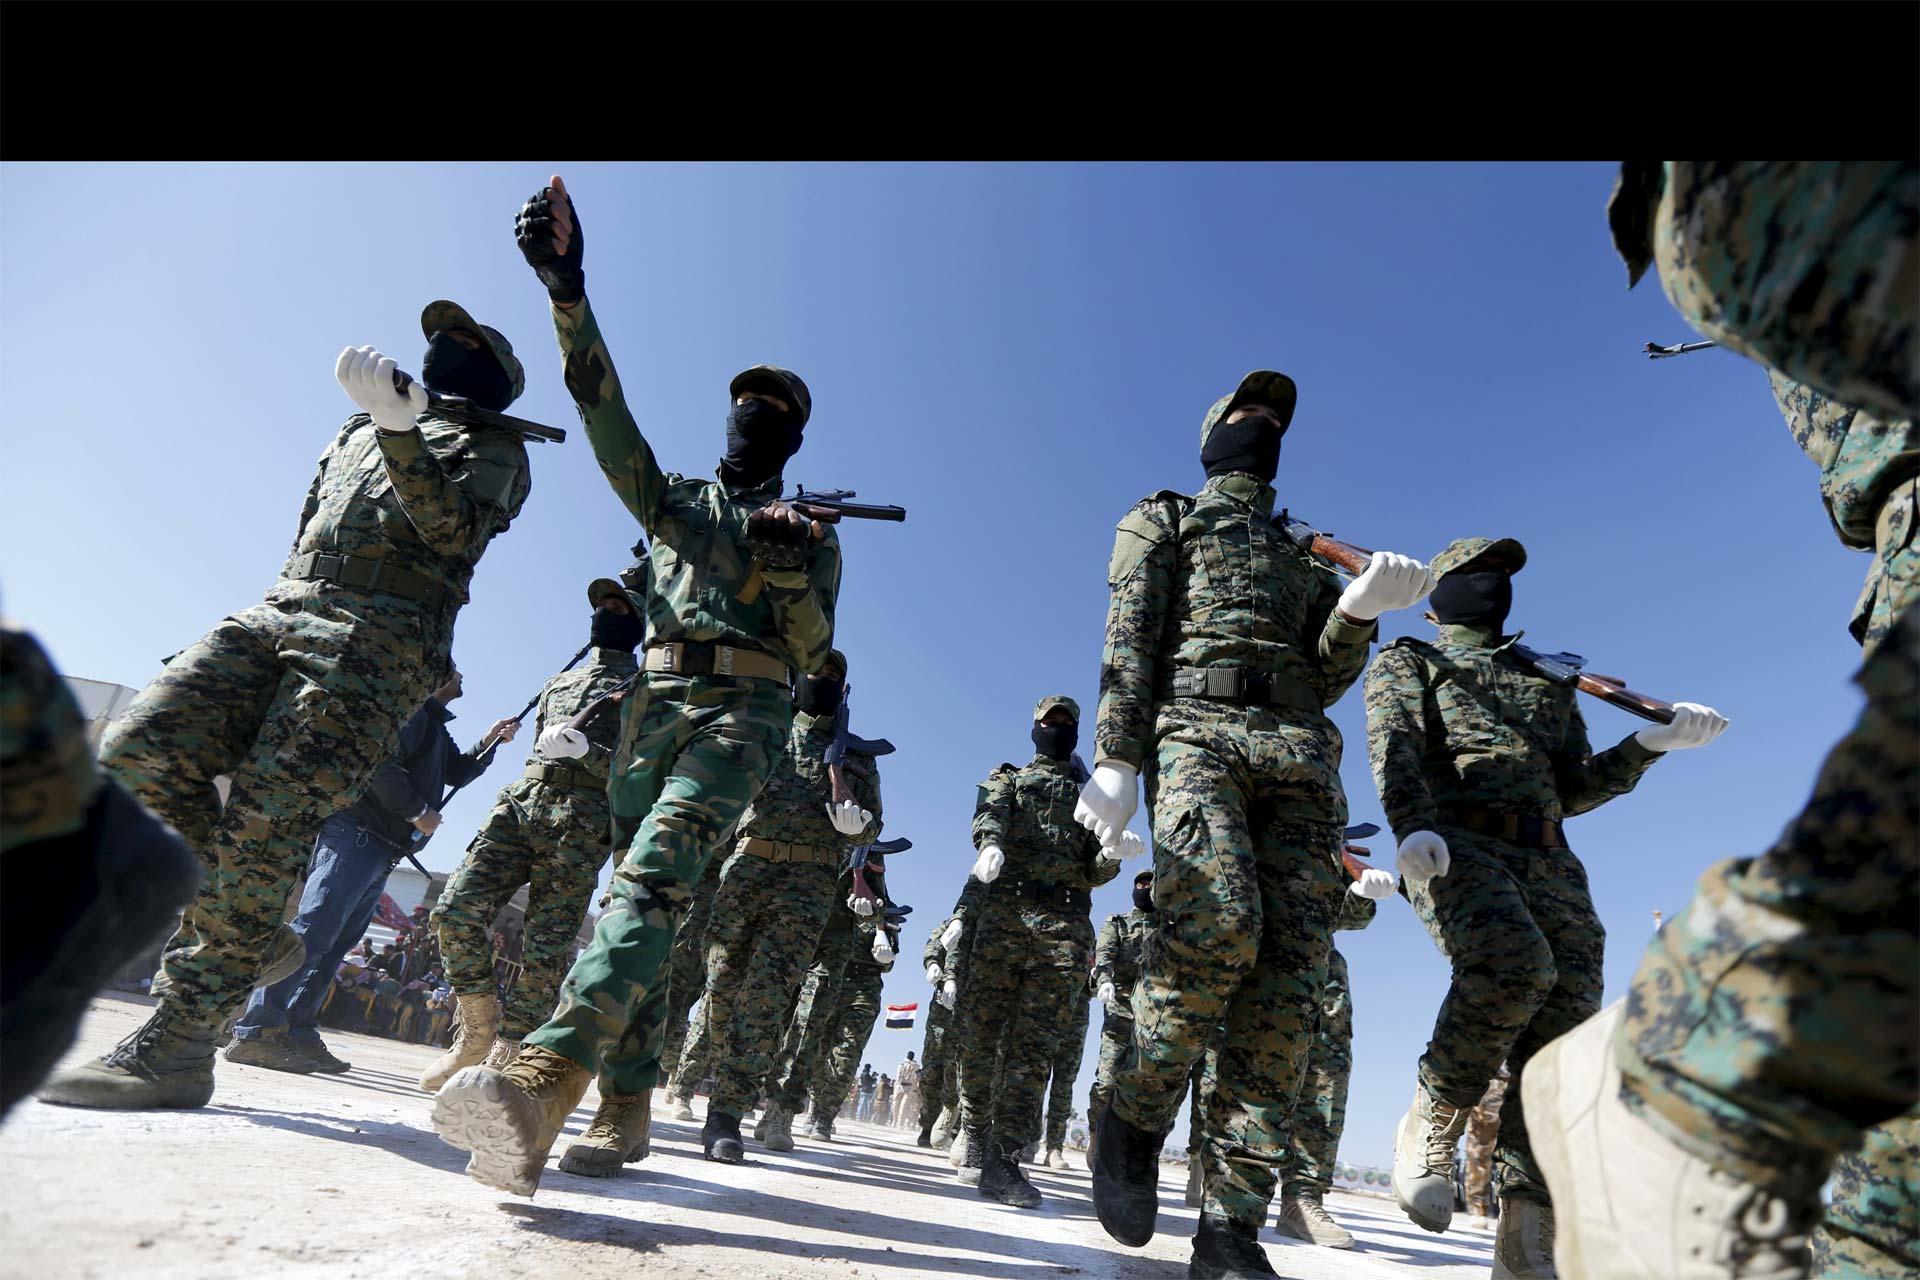 Este domingo perecieron más de 50 personas en Irak, durante varios choques con milicias terroristas